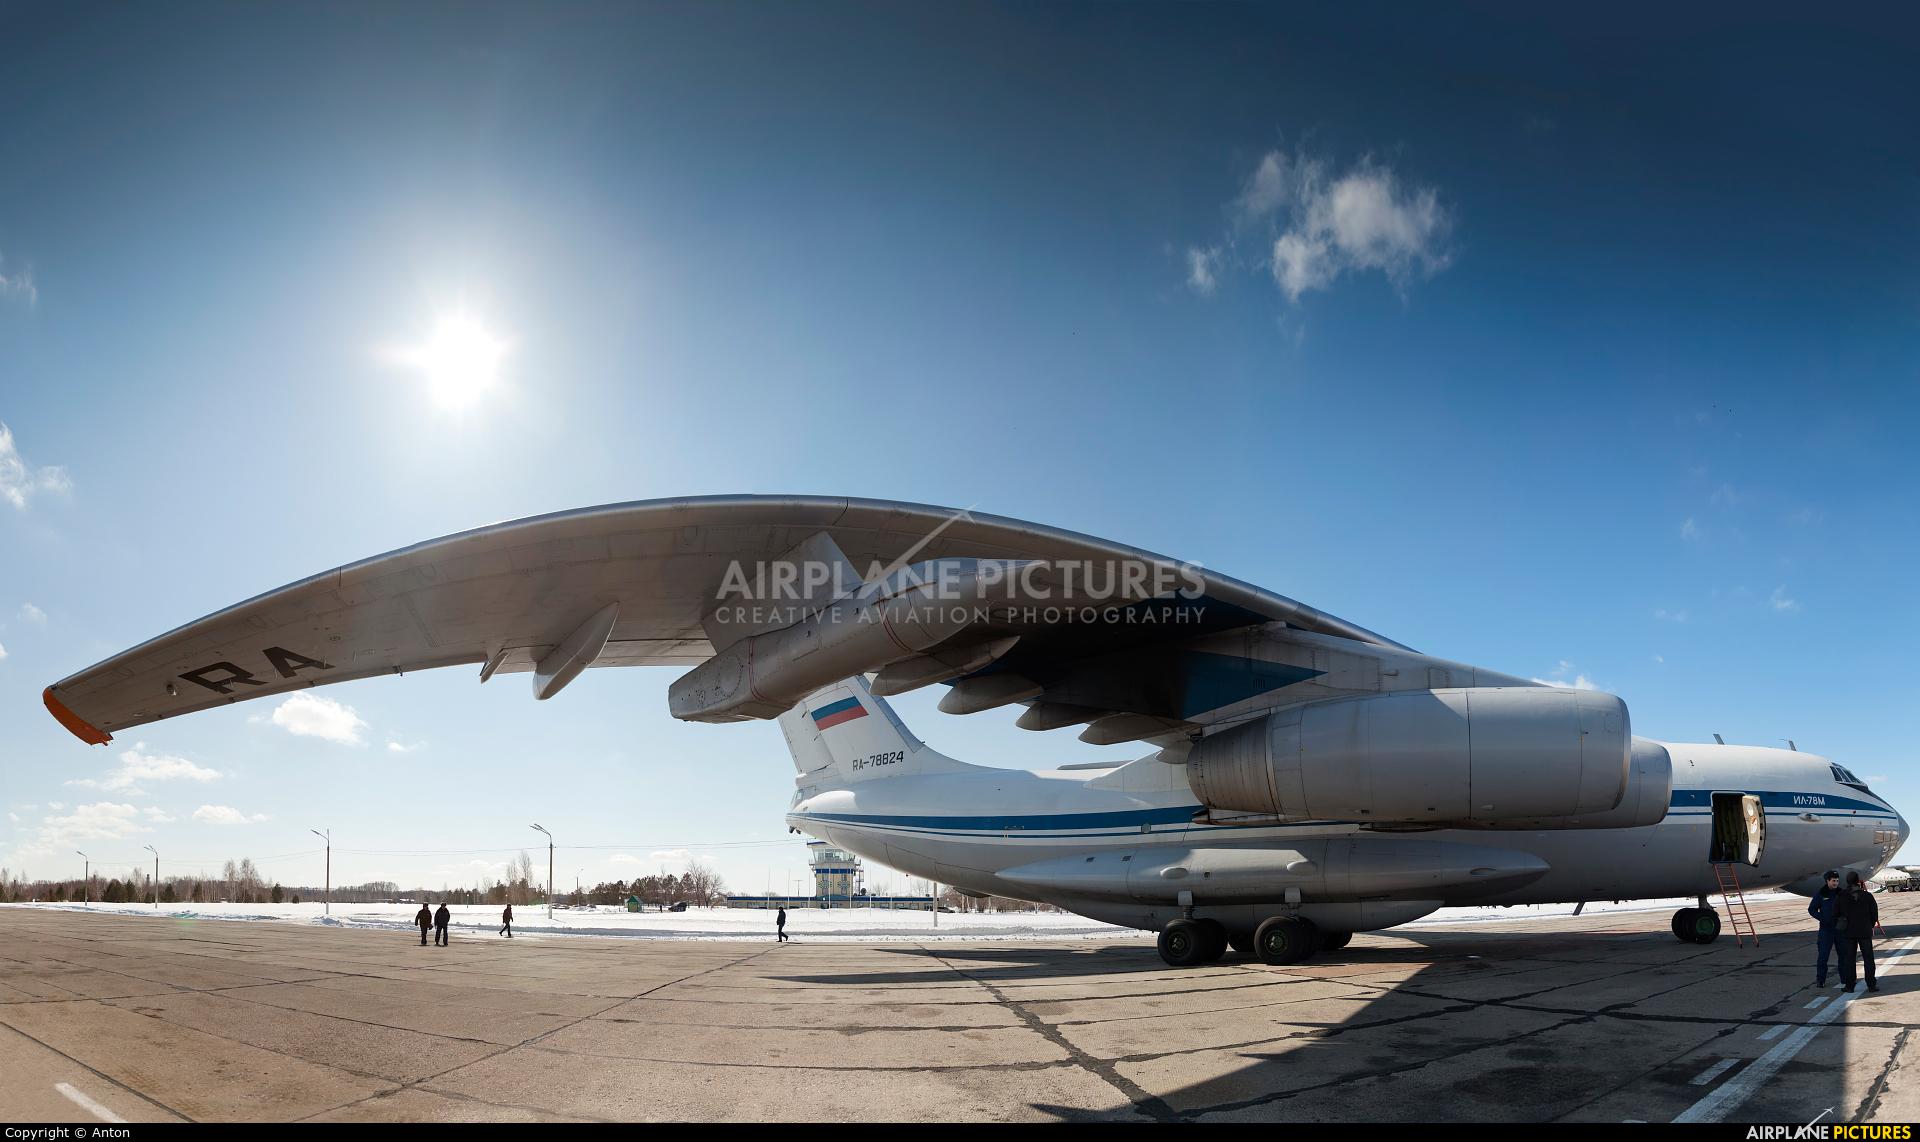 Russia - Air Force RA-78824 aircraft at Chelyabinsk Shagol